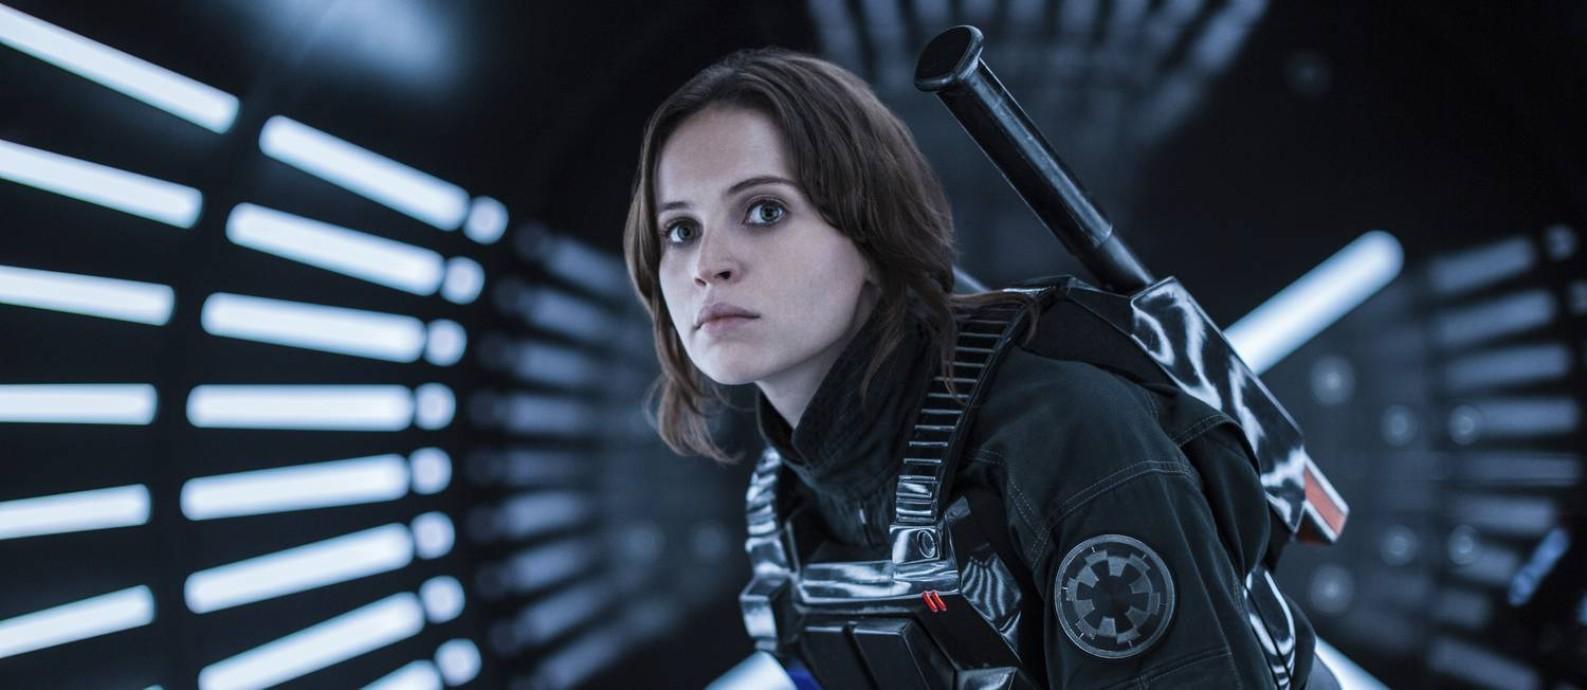 Felicity Jones como Jyn Erso em 'Rogue One: Uma história Star Wars' Foto: Jonathan Olley / AP